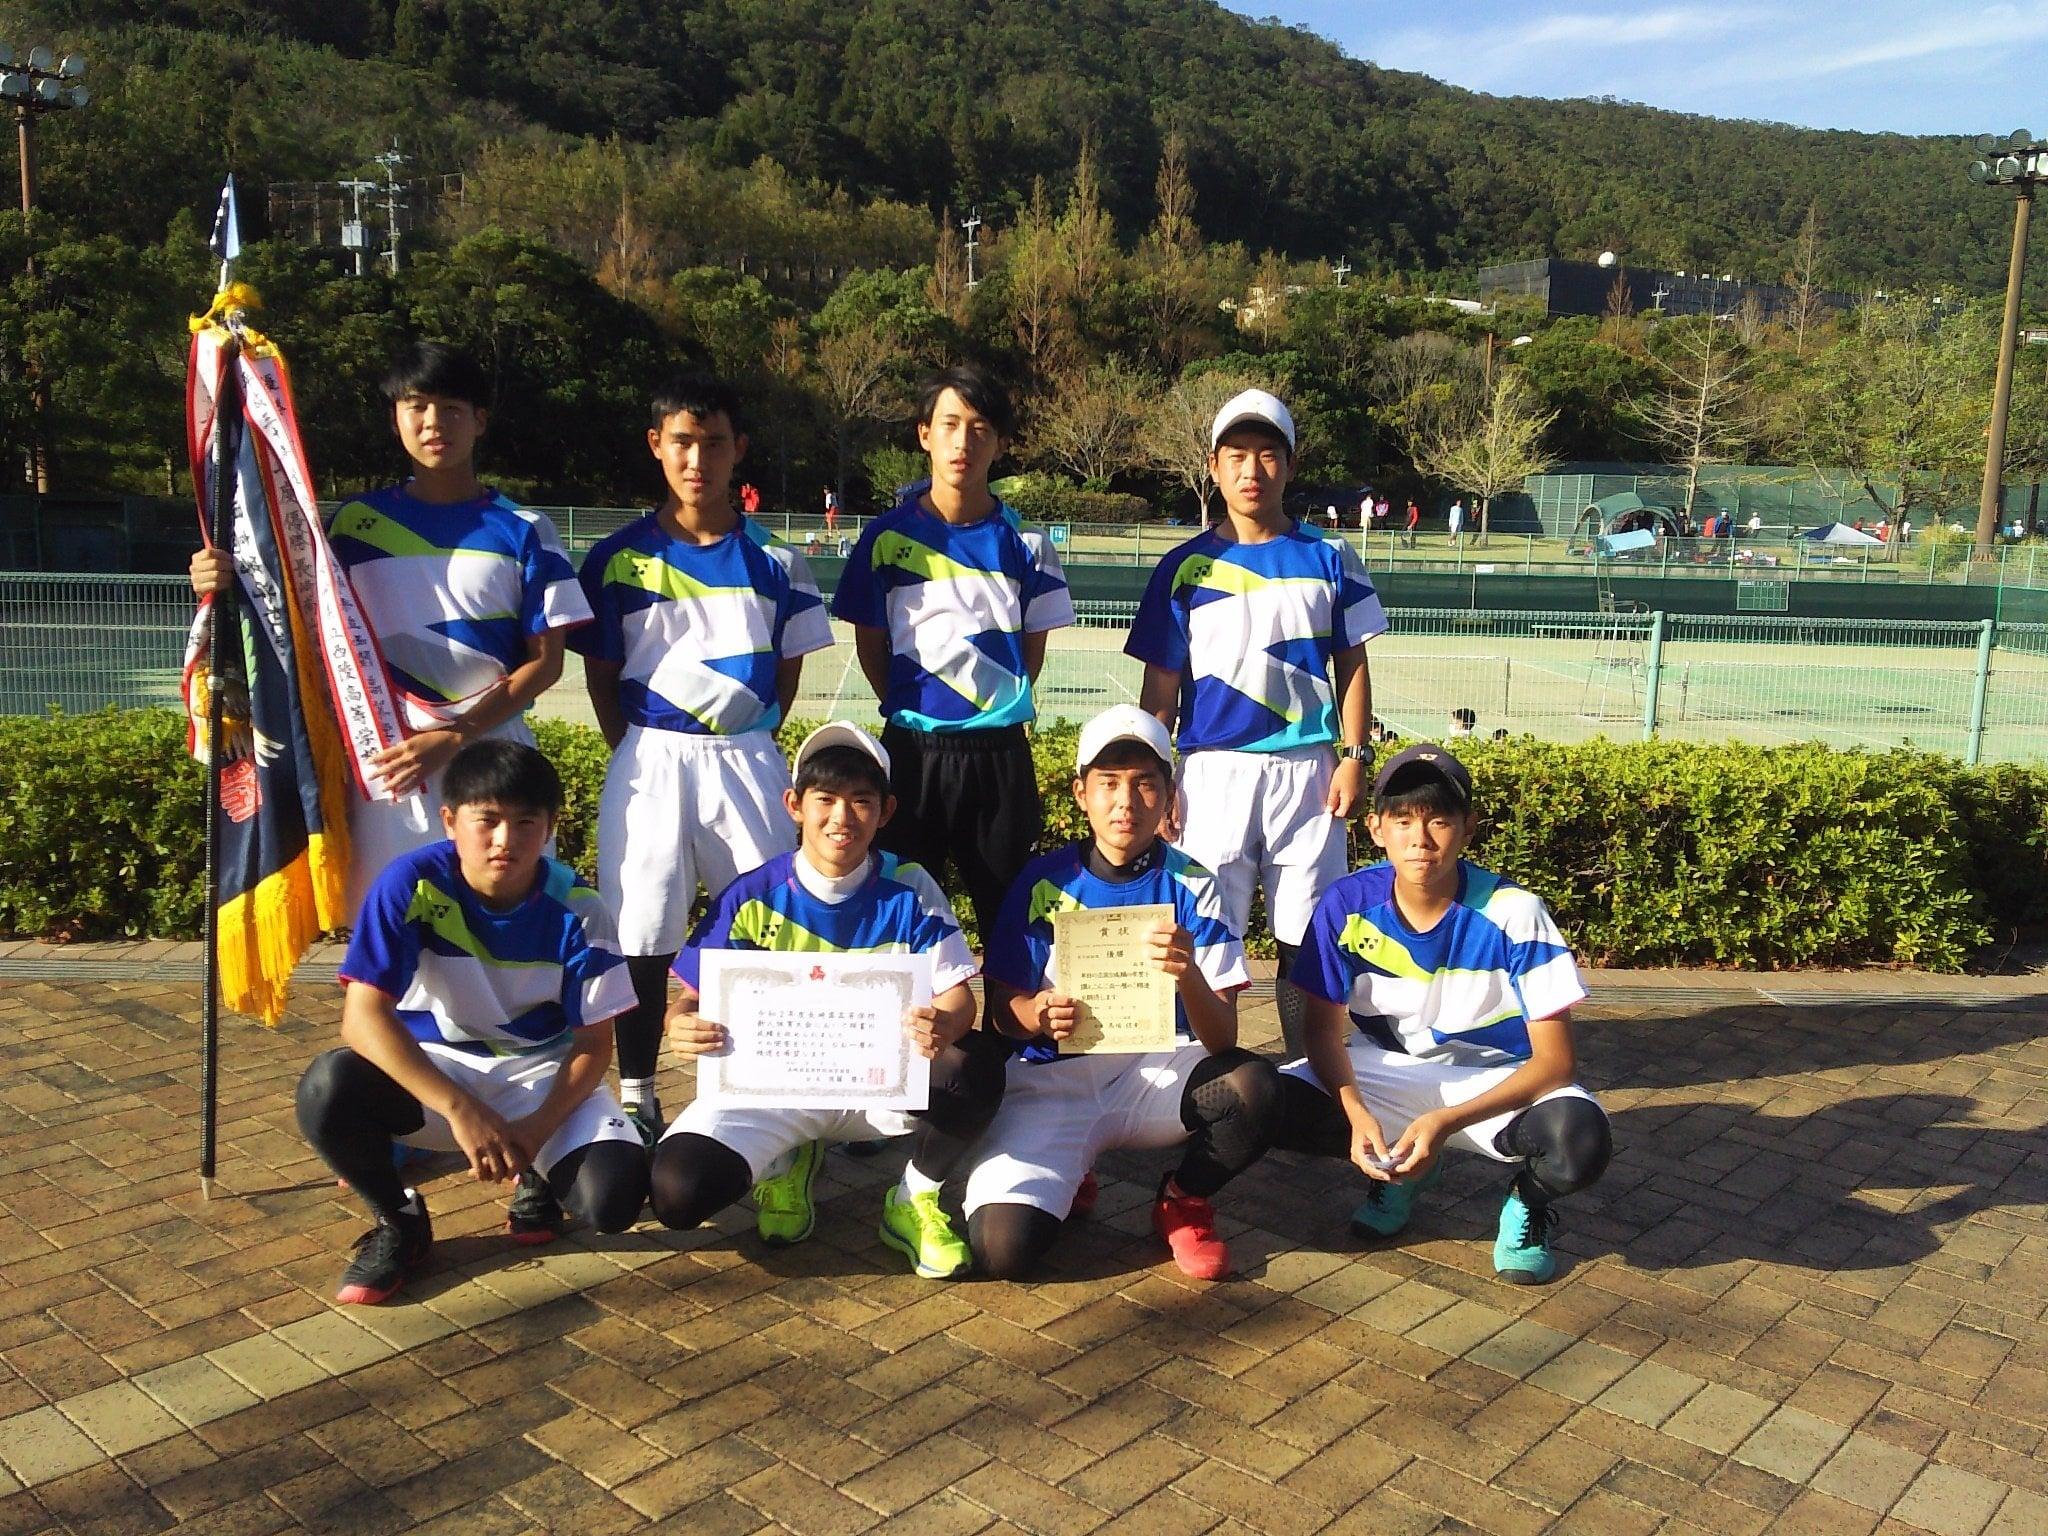 県 ソフトテニス 高校 長崎 長崎県高等学校体育連盟 ようこそ長崎県高体連へ